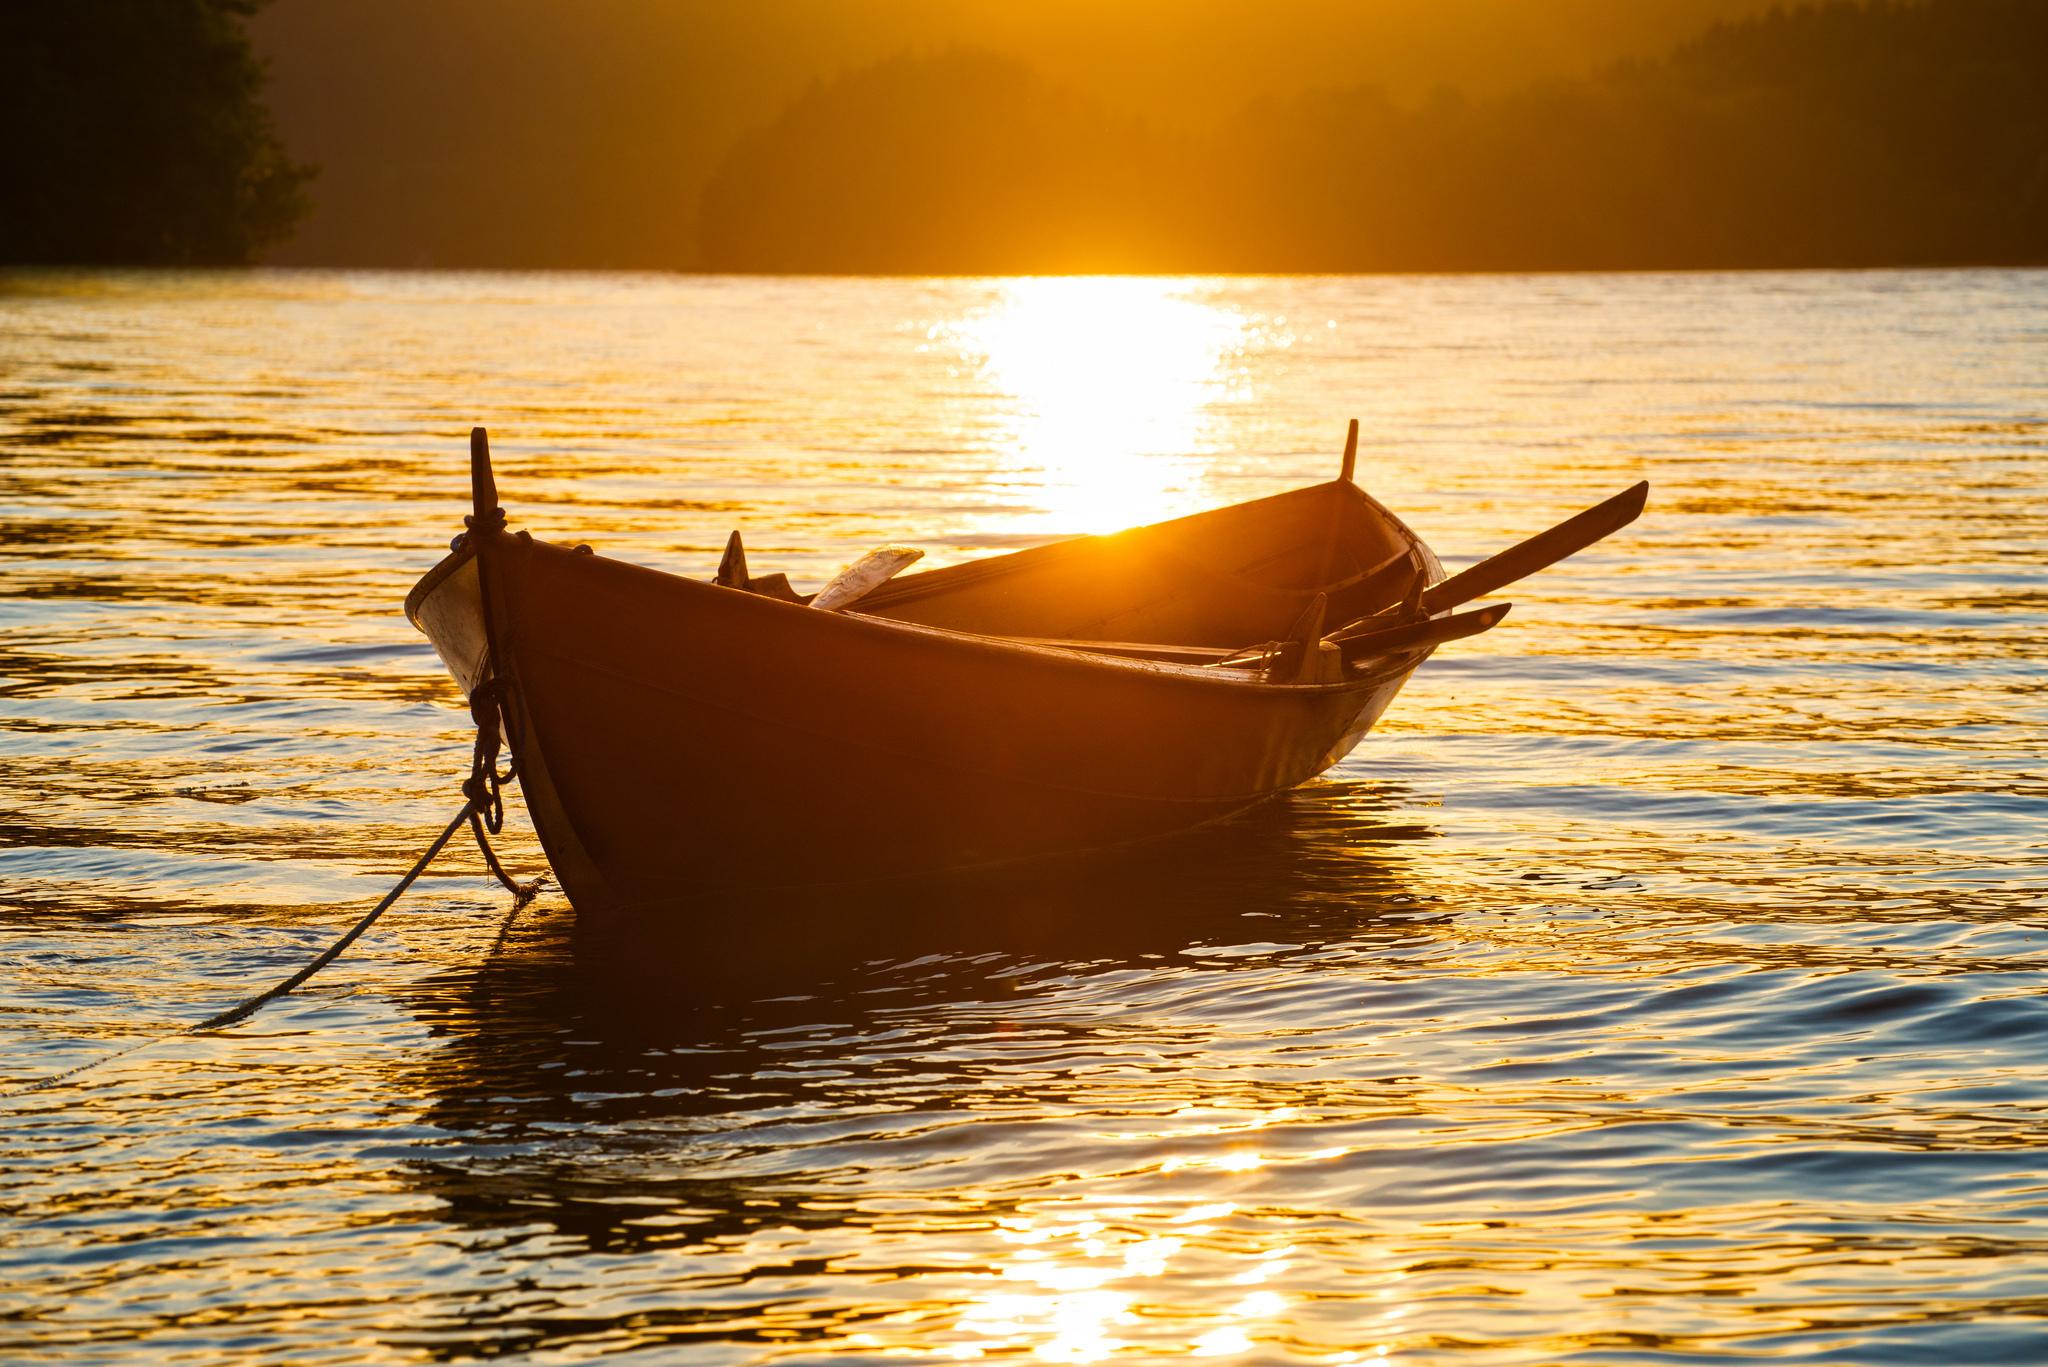 что лодка открытка фото прорисовке традиционной